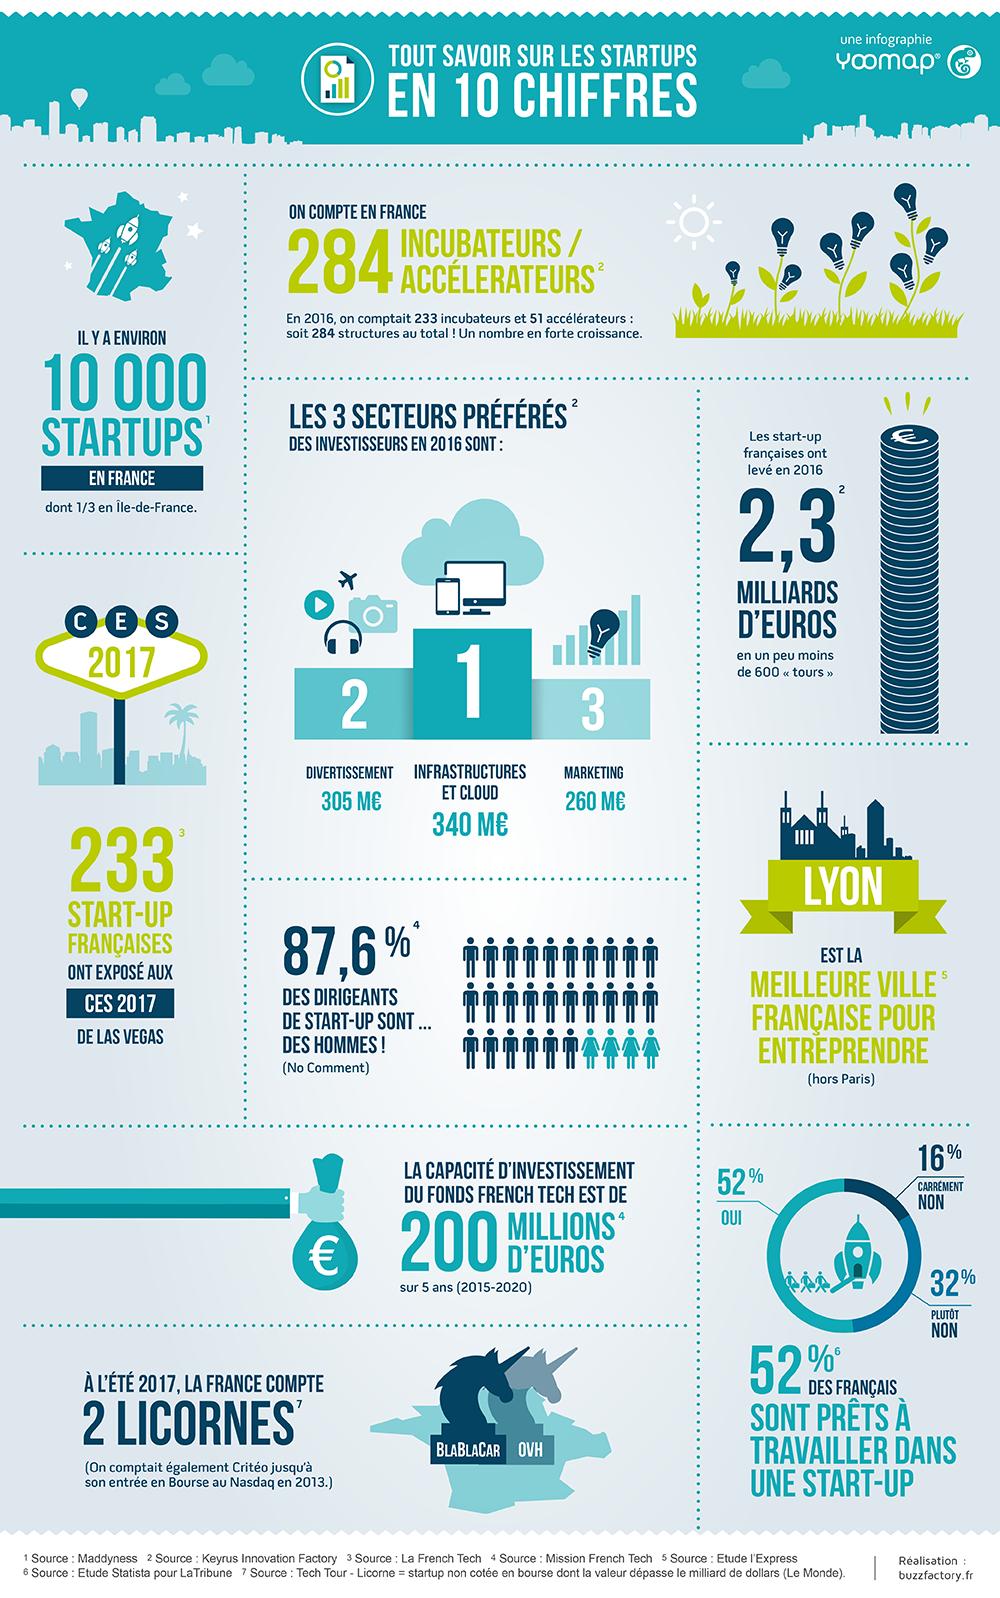 Chiffres Cles Sur Les Startups Francaises Plaquette Entreprise Modele De Cv Creatif Infographie